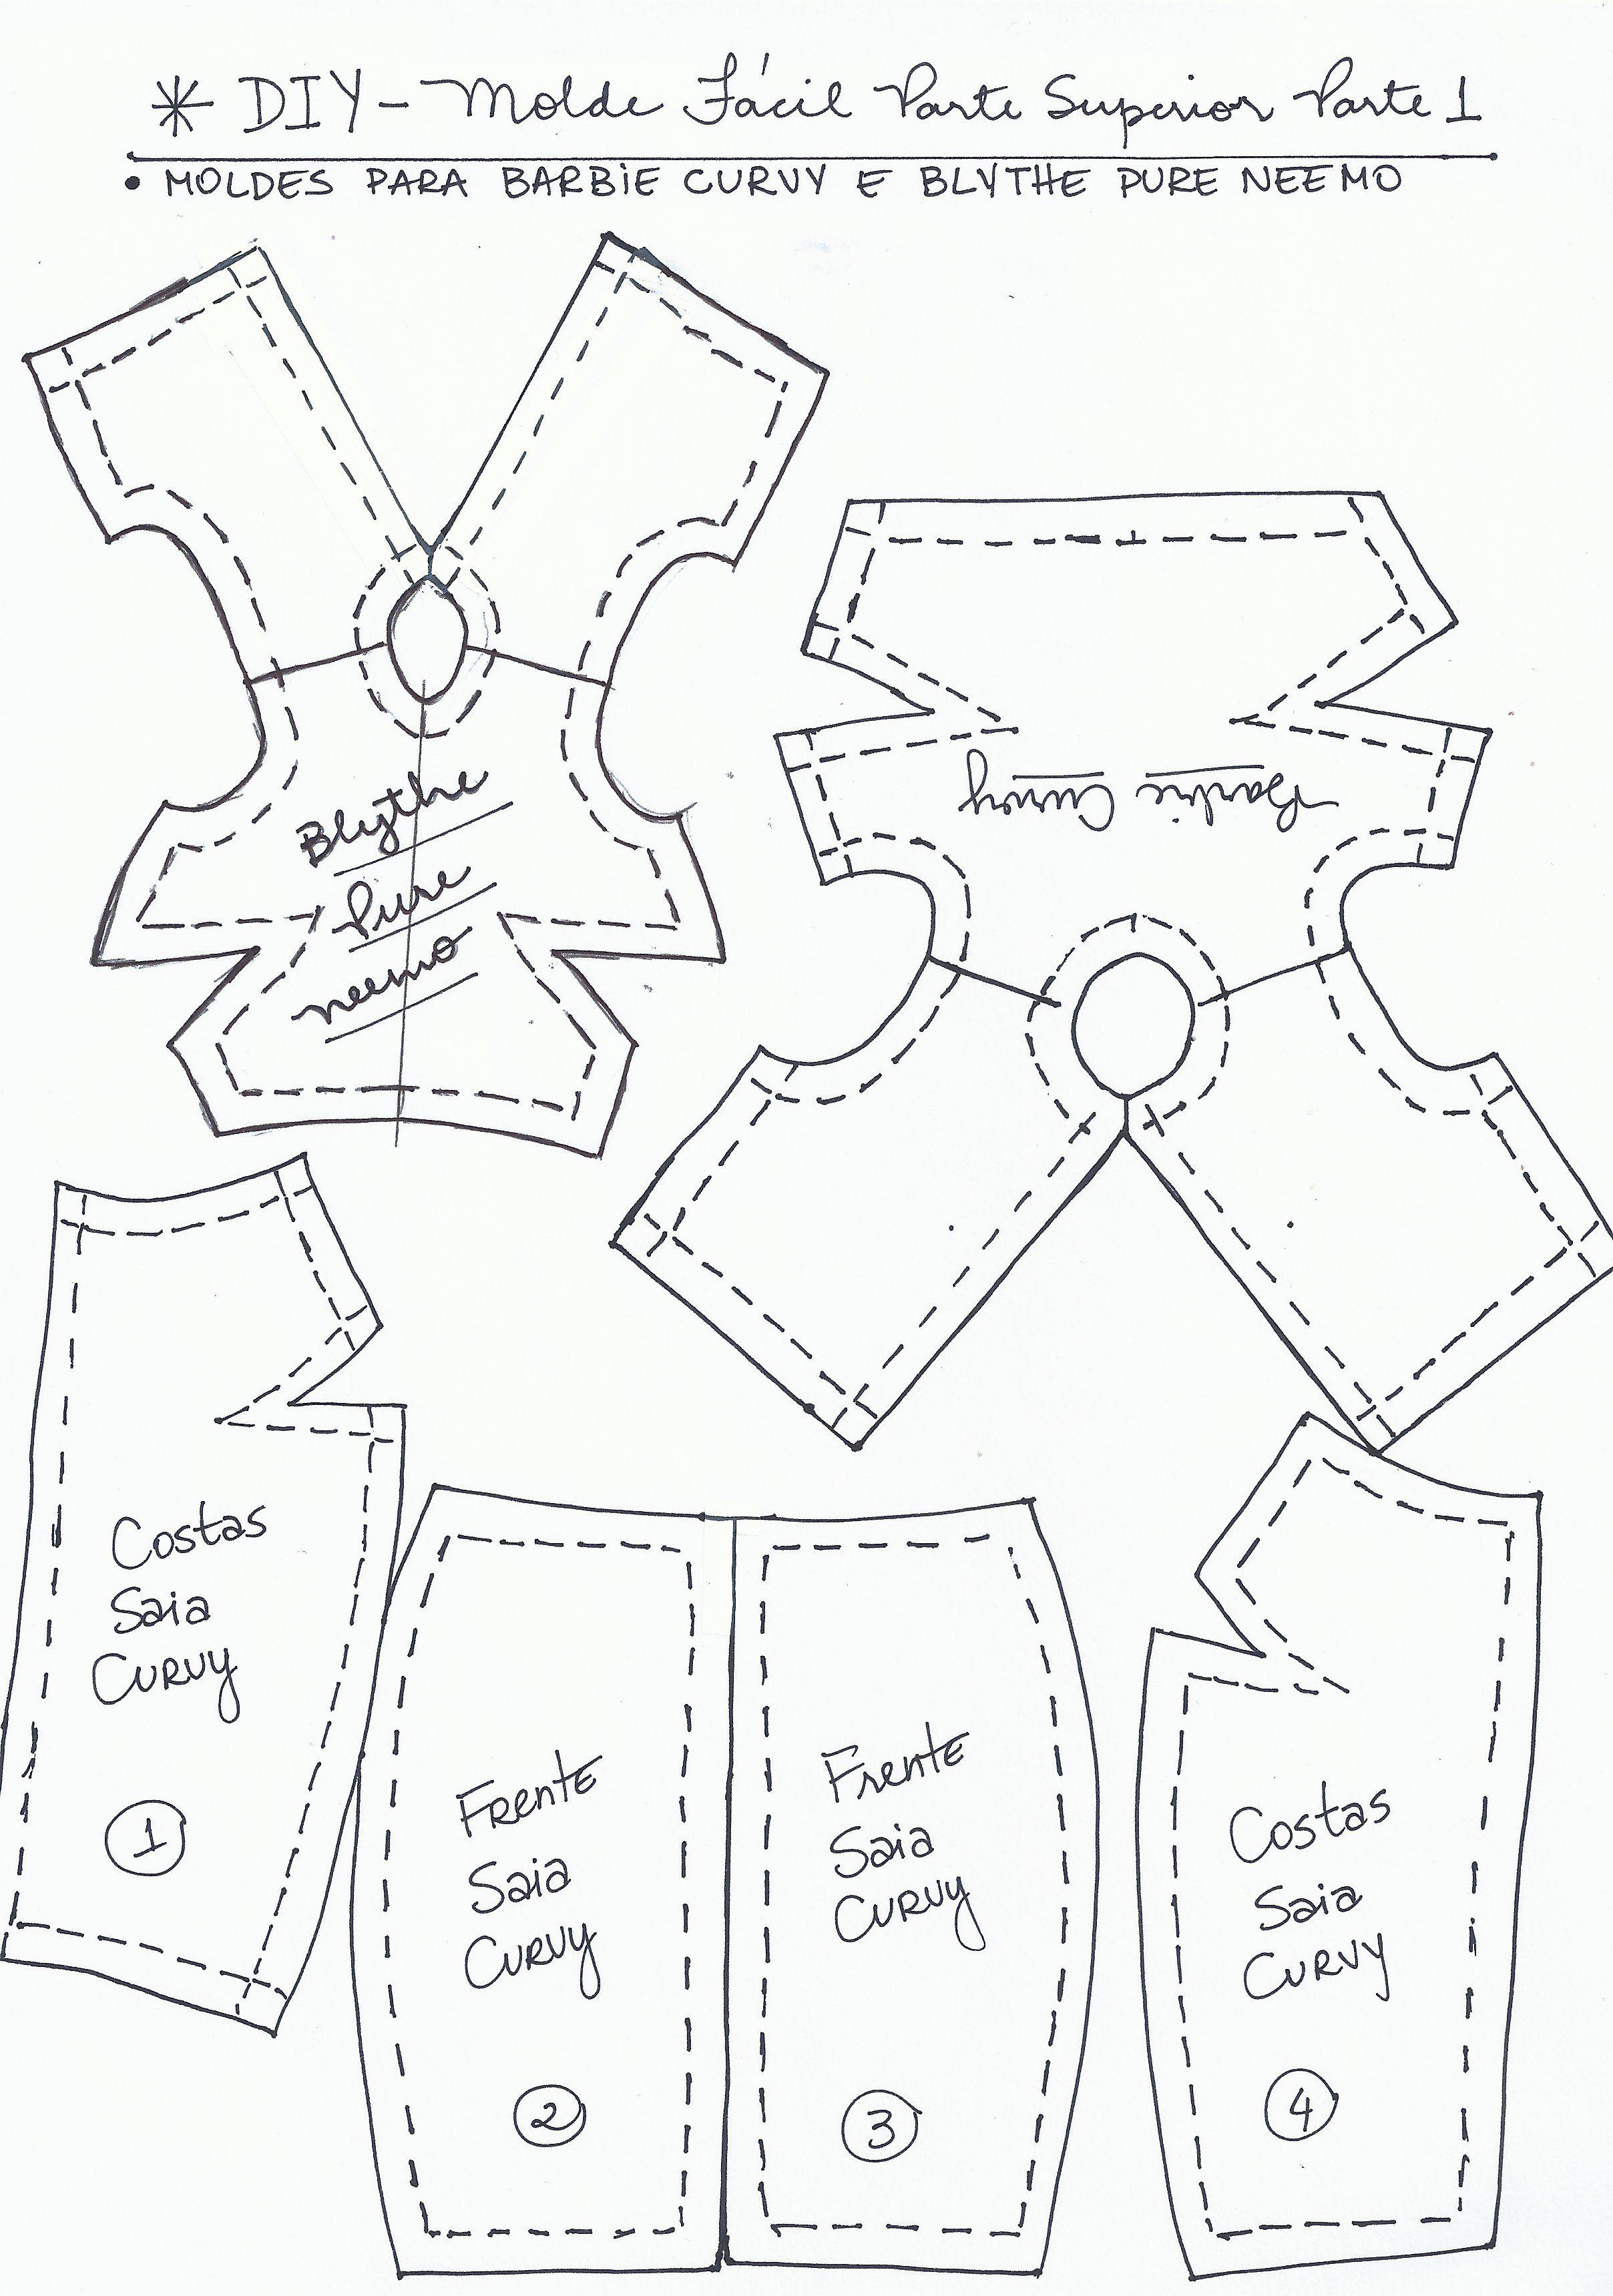 Molde Extra Blythe e Curvy, continuação do #DIY - Molde Fácil Parte 1 -  Superior | Padrões de costura barbie, Roupas para barbie, Molde para roupa  de boneca